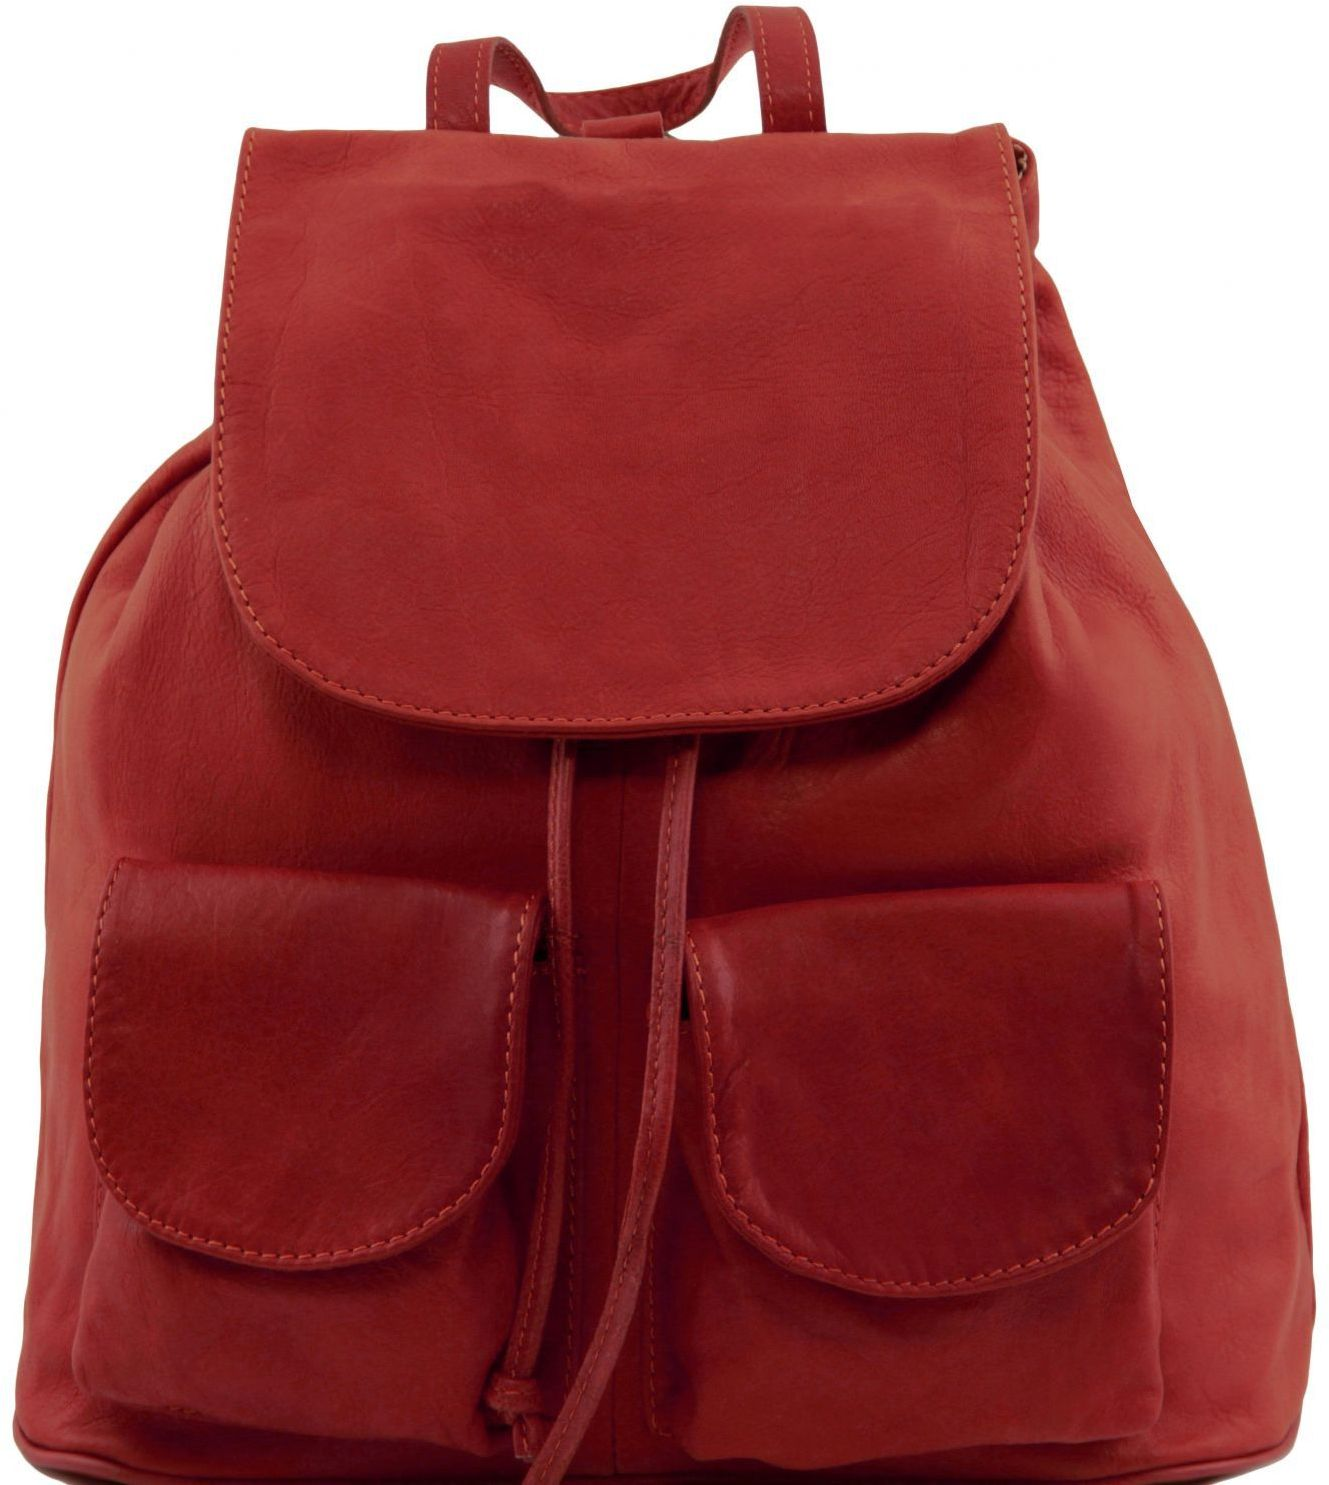 Γυναικεία Τσάντα Δερμάτινη Seoul S Κόκκινο Tuscany Leather γυναίκα   τσάντες πλάτης